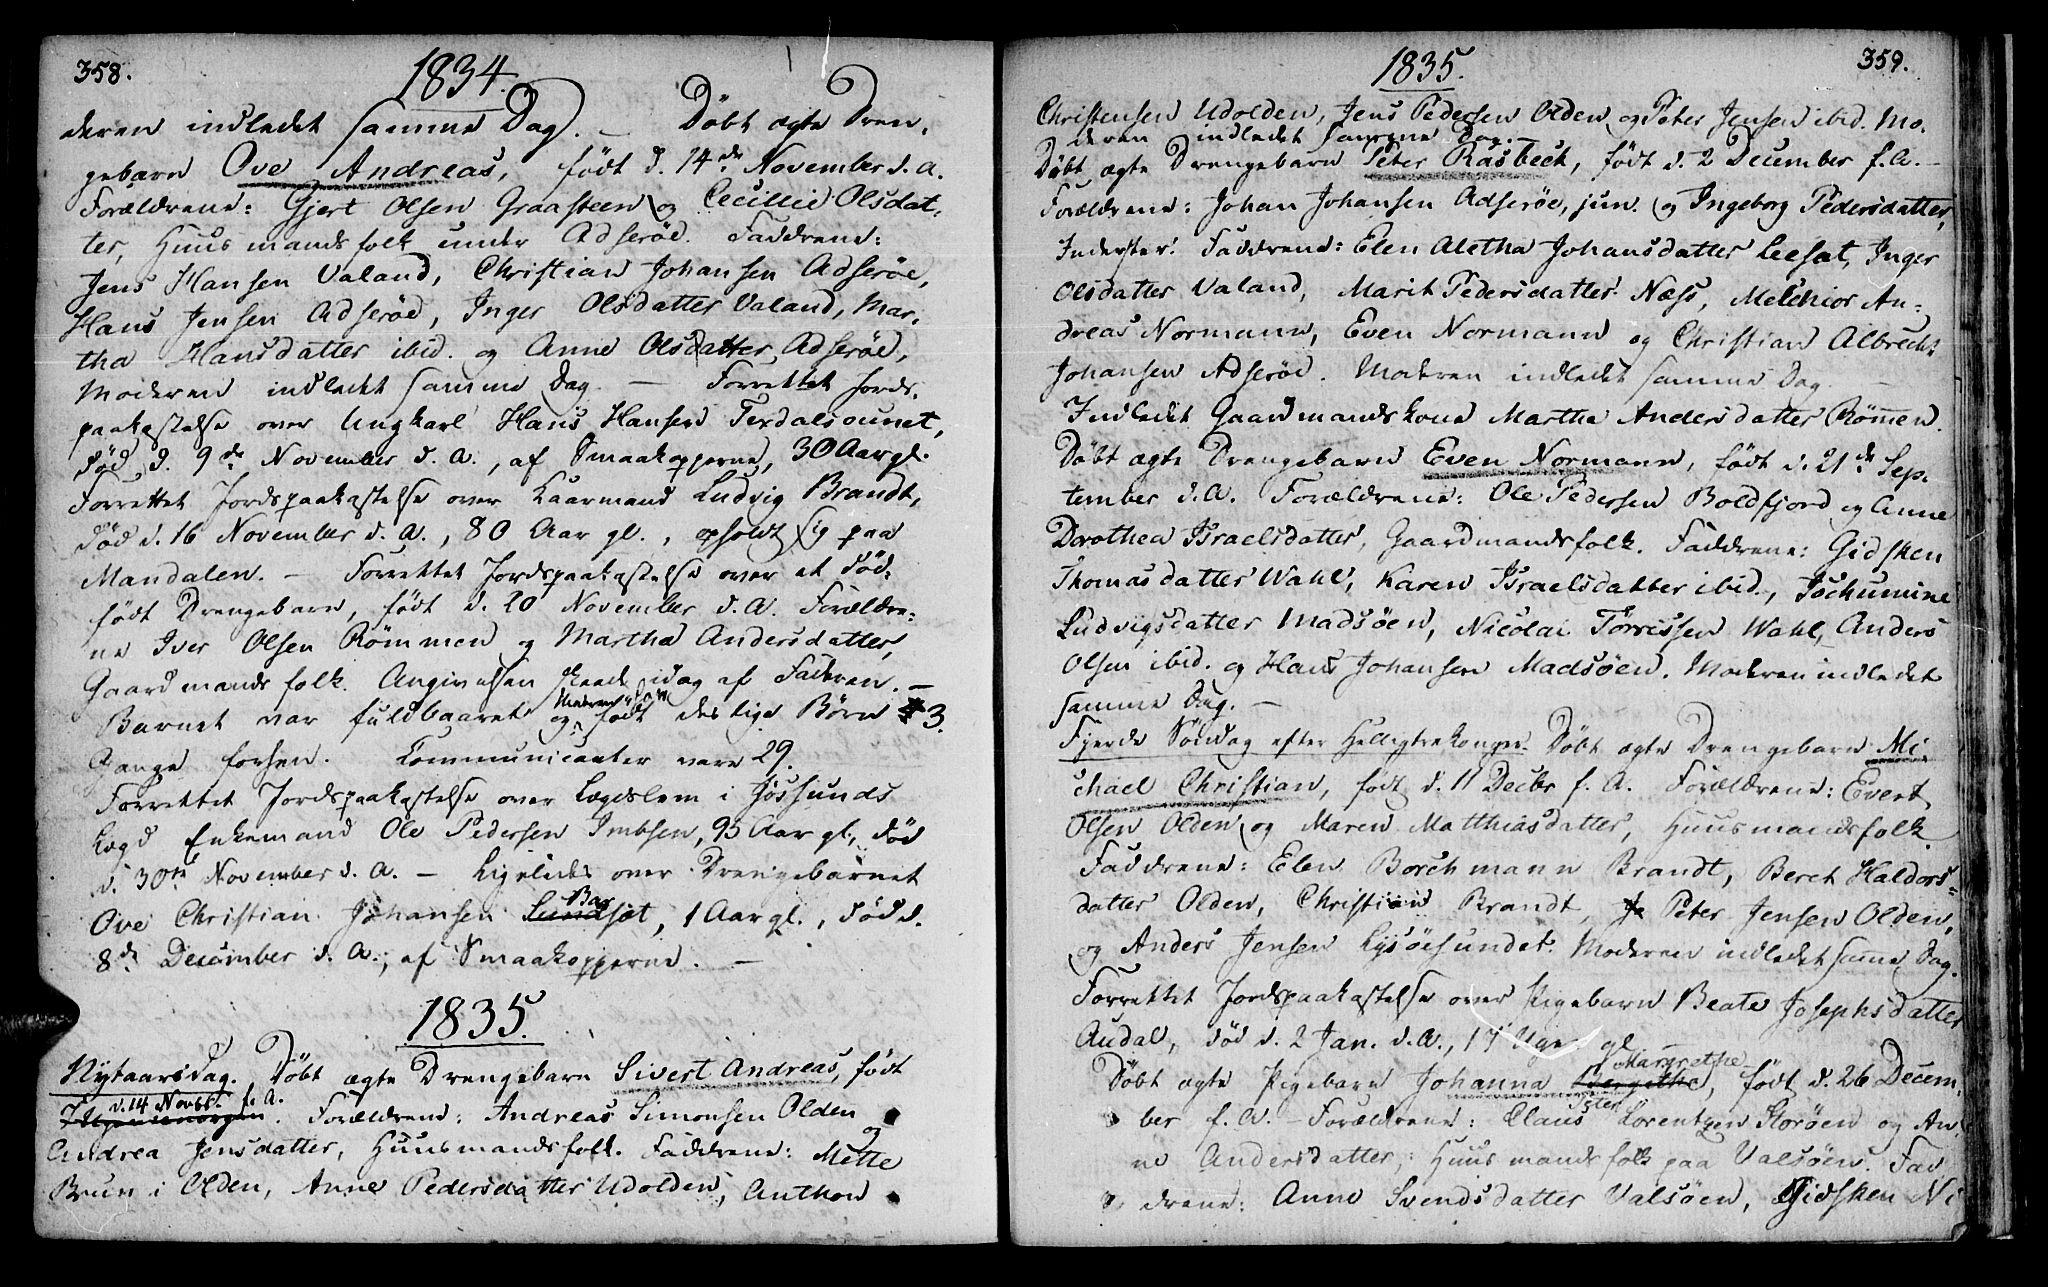 SAT, Ministerialprotokoller, klokkerbøker og fødselsregistre - Sør-Trøndelag, 655/L0674: Ministerialbok nr. 655A03, 1802-1826, s. 358-359